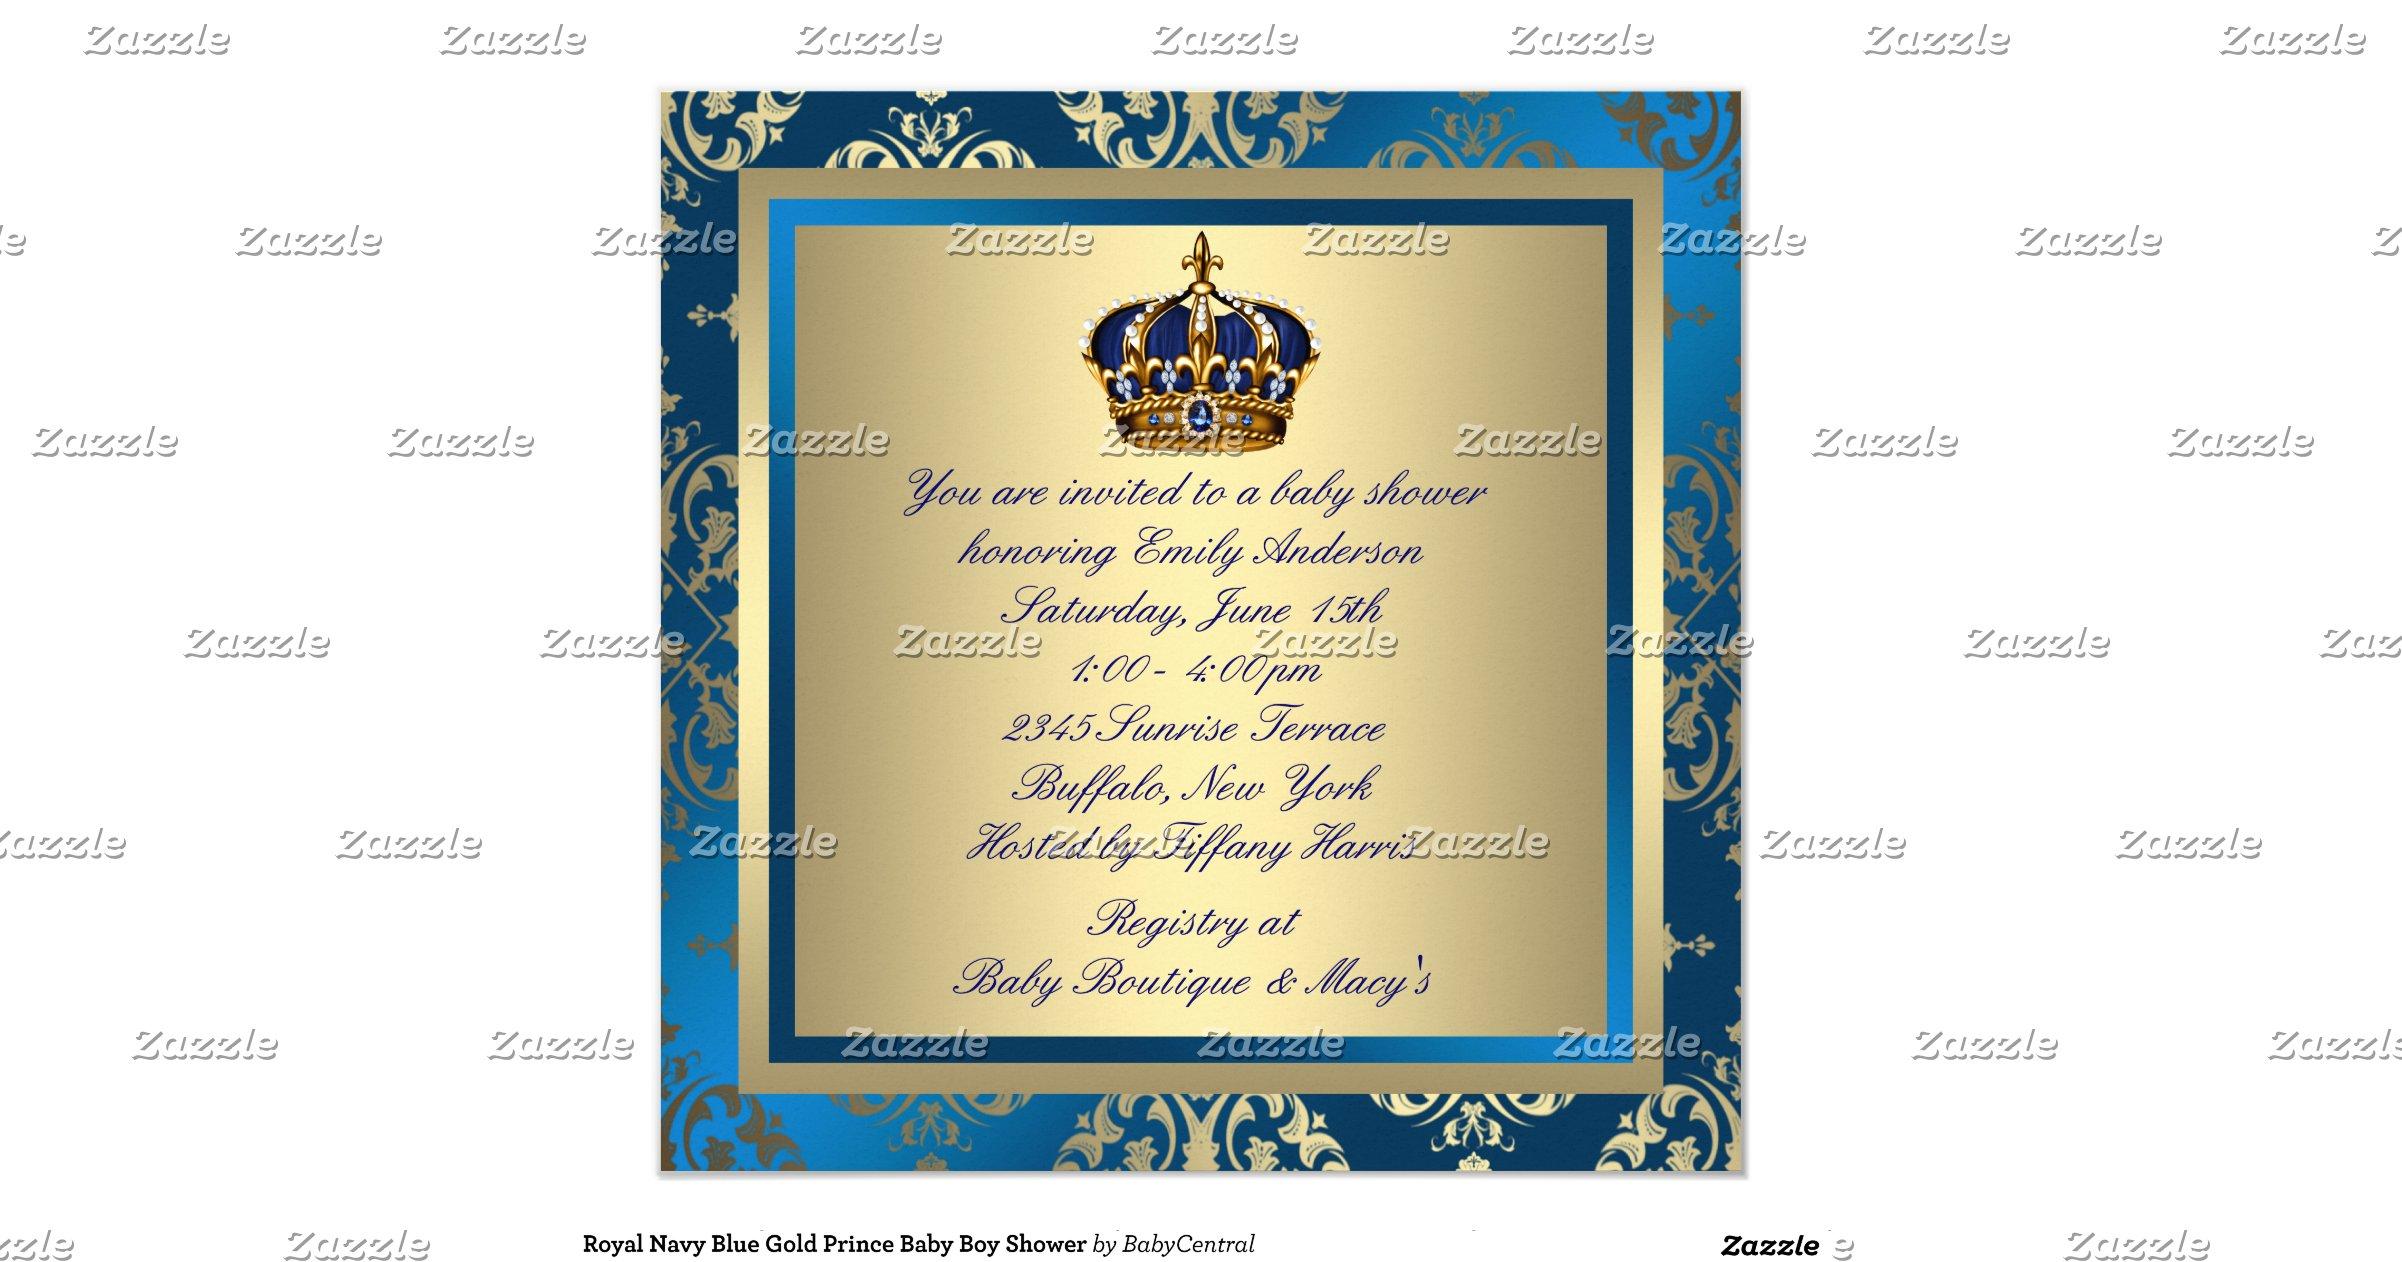 royal navy blue gold prince baby boy shower invitation zazzle